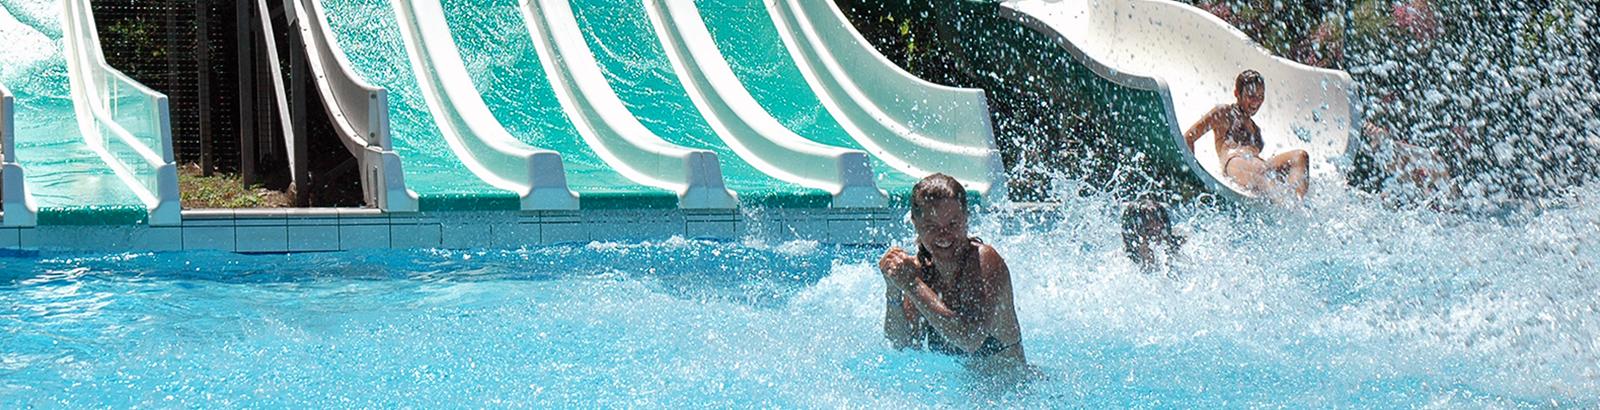 Aquatische vakantie